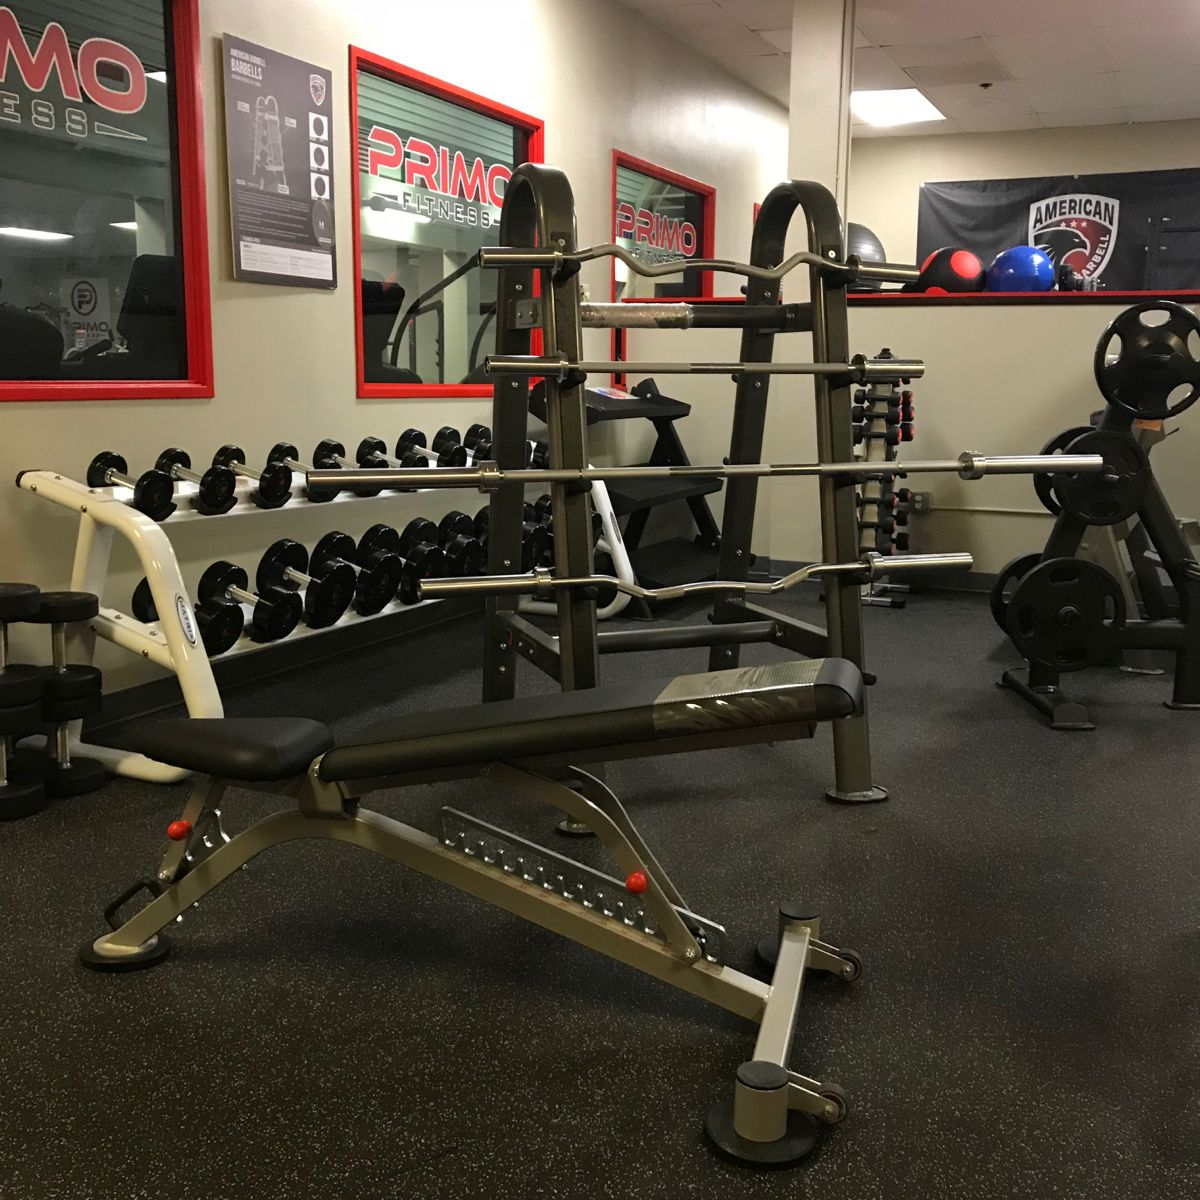 Primo Fitness Santa Ana Ca Gym Equipment For Sale Gym Interior Commercial Fitness